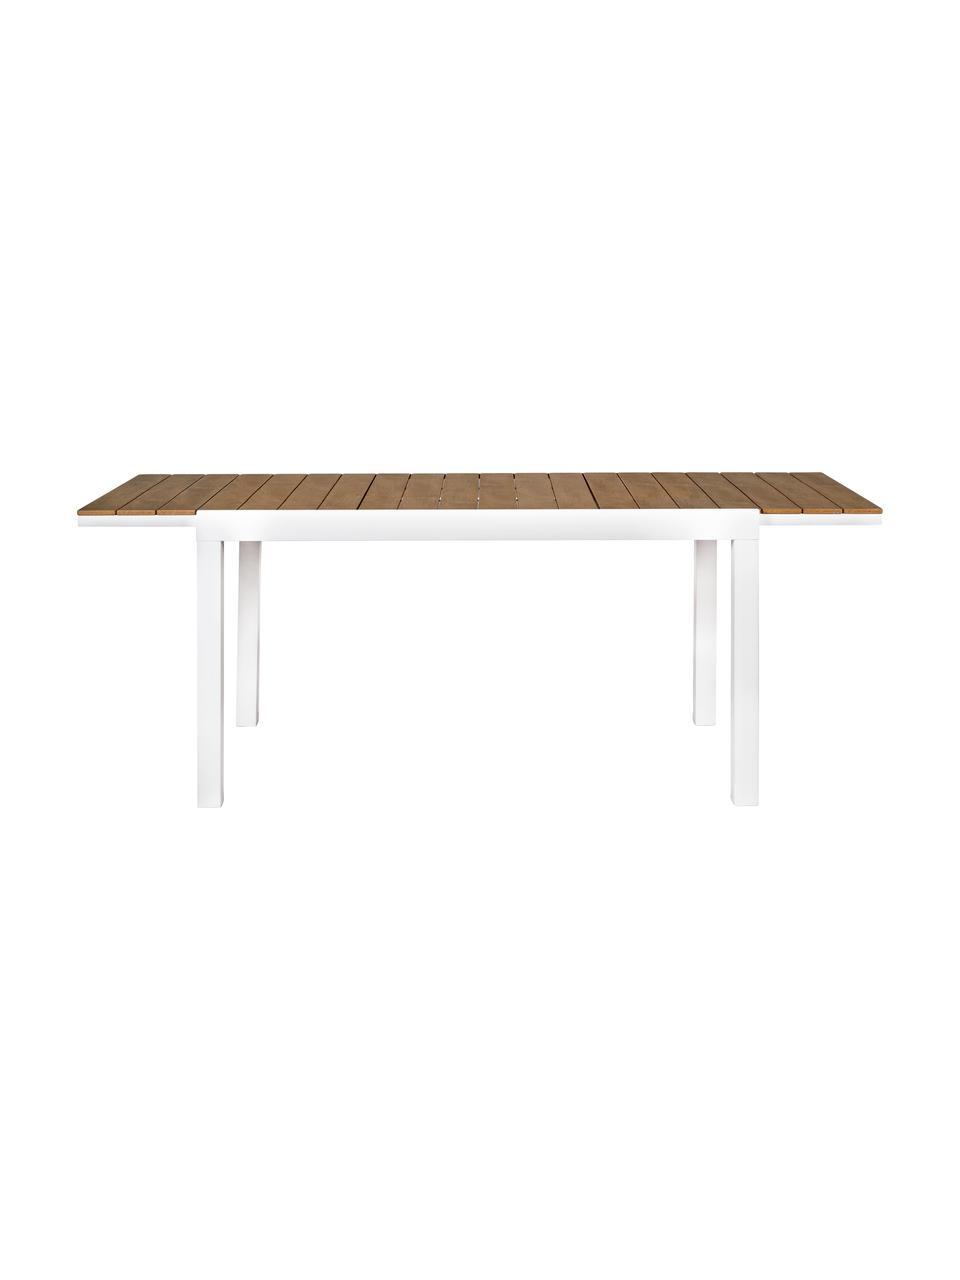 Tavolo da giardino allungabile Elias, Piano d'appoggio: materiale sintetico, Gambe: alluminio verniciato a po, Bianco, legno, Larg. 140 x Prof. 90 cm